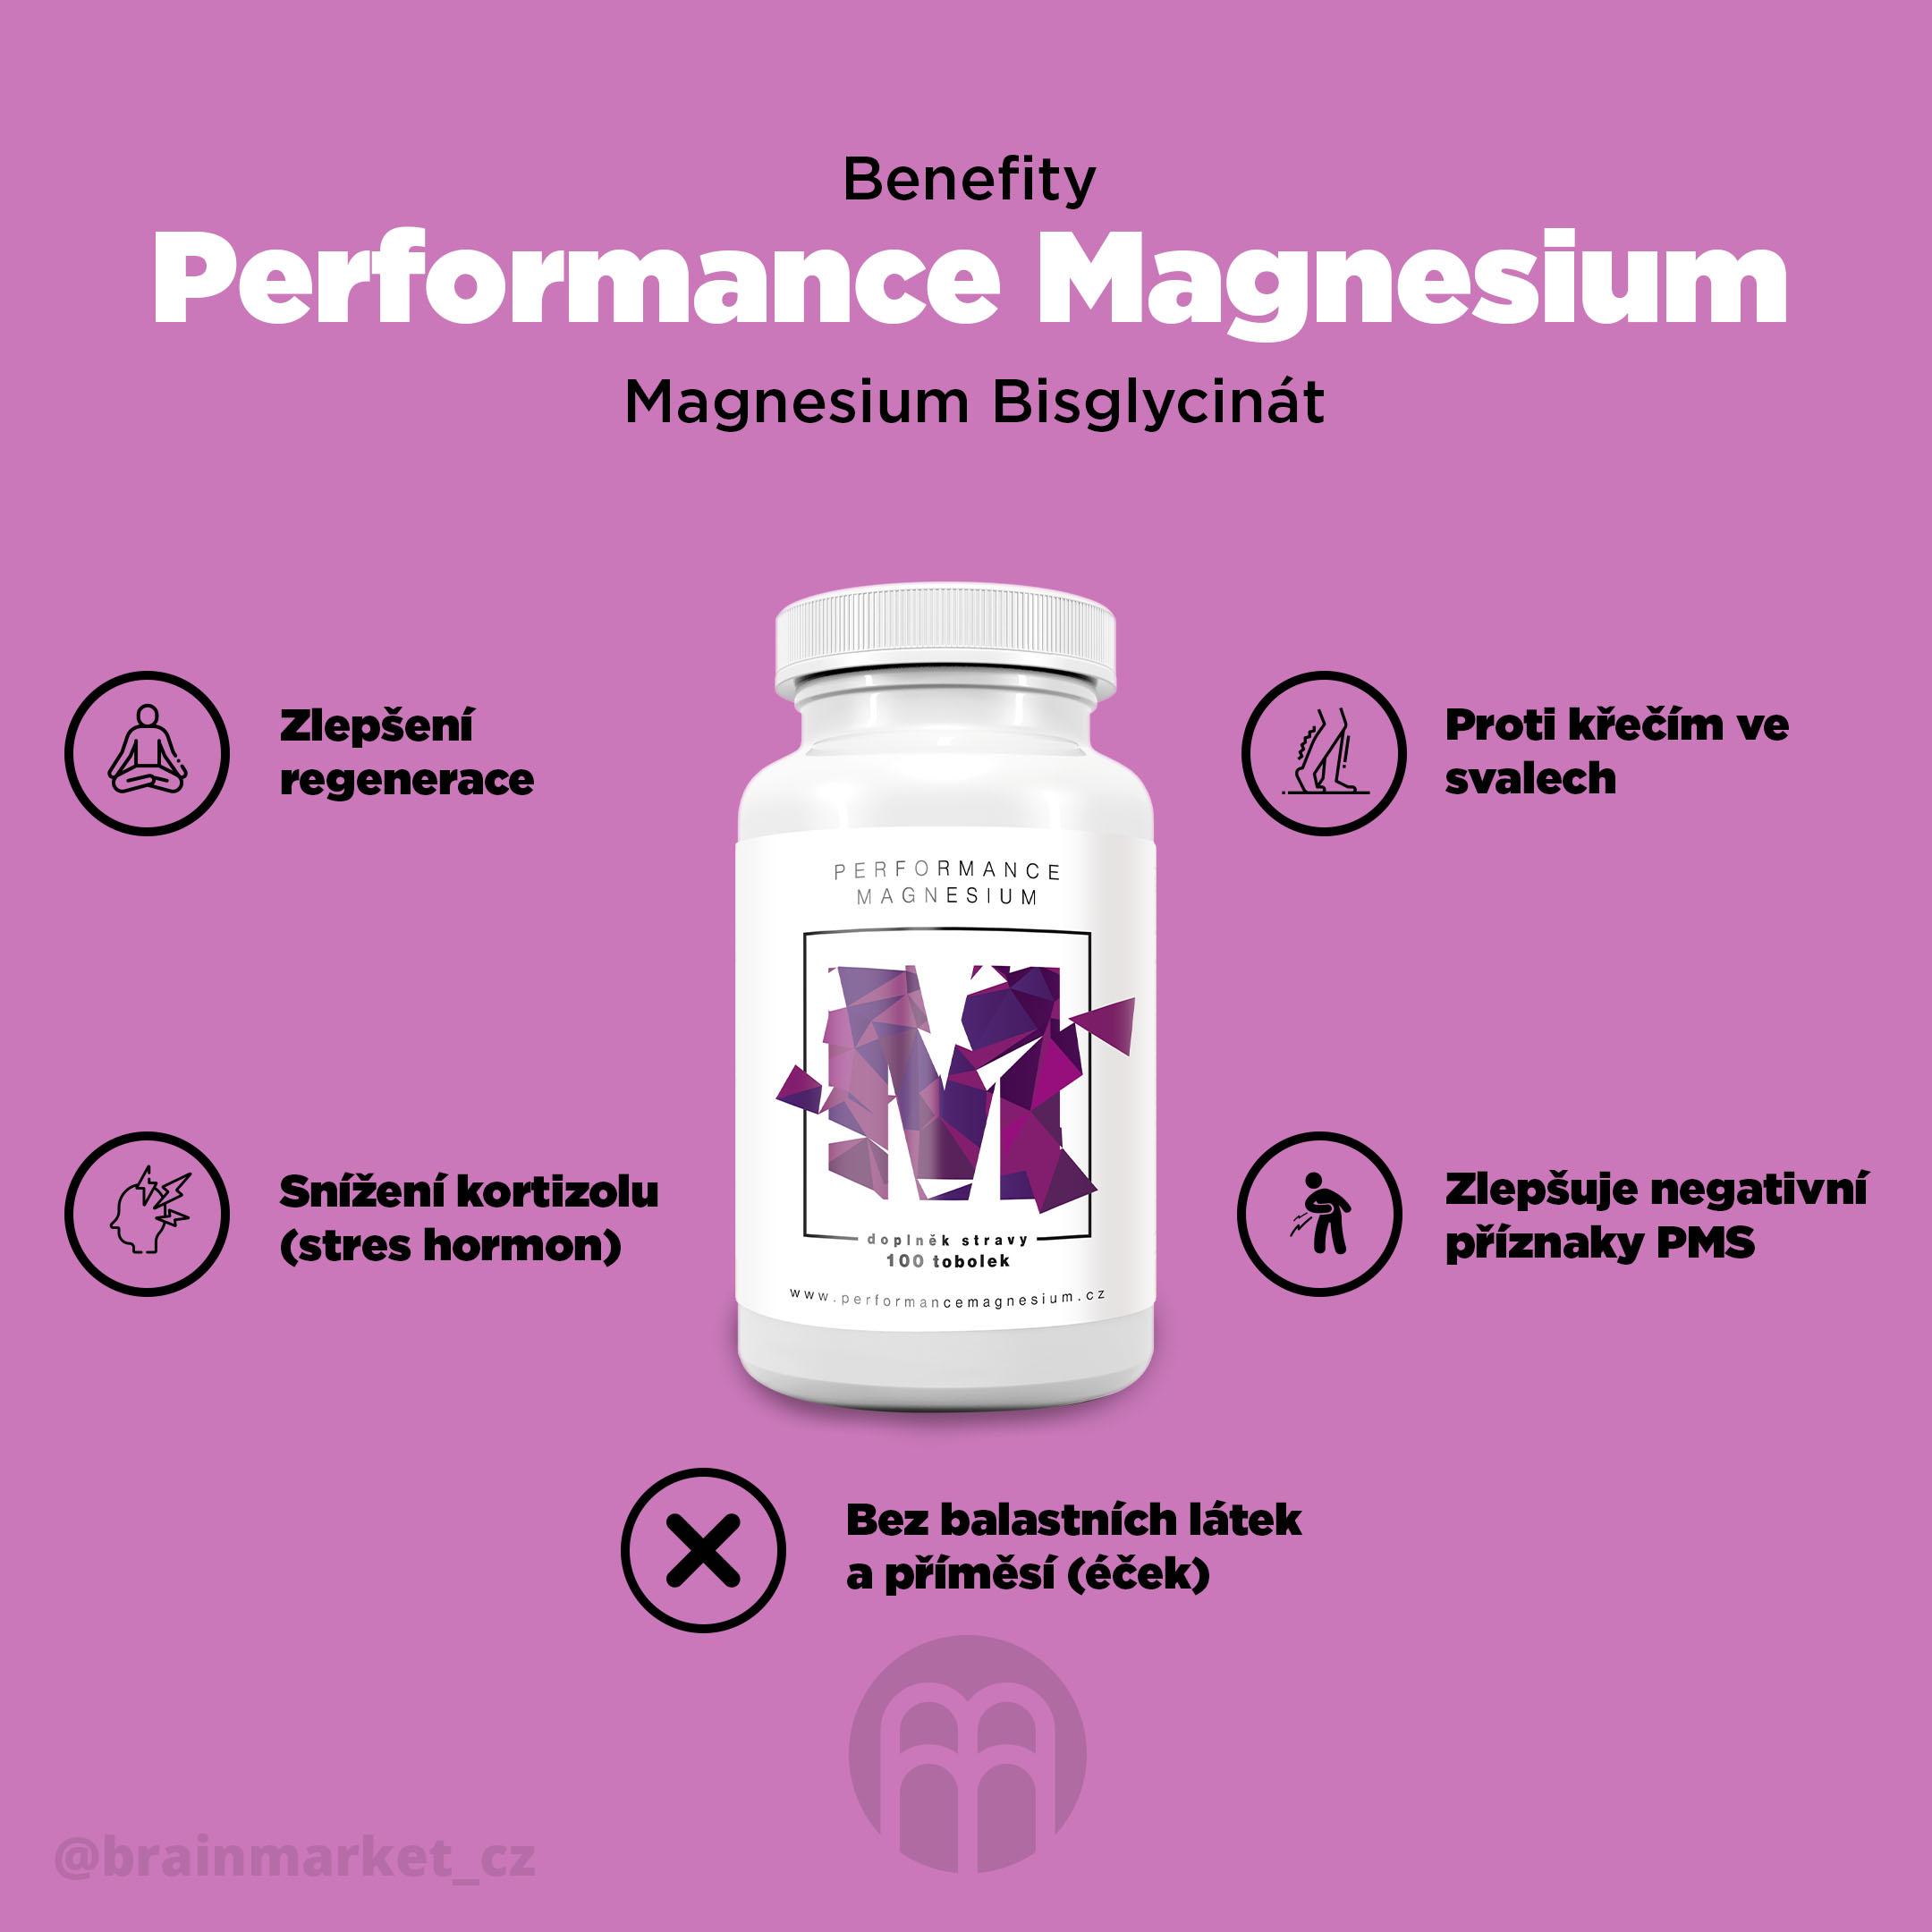 performance_magnesium_benefity